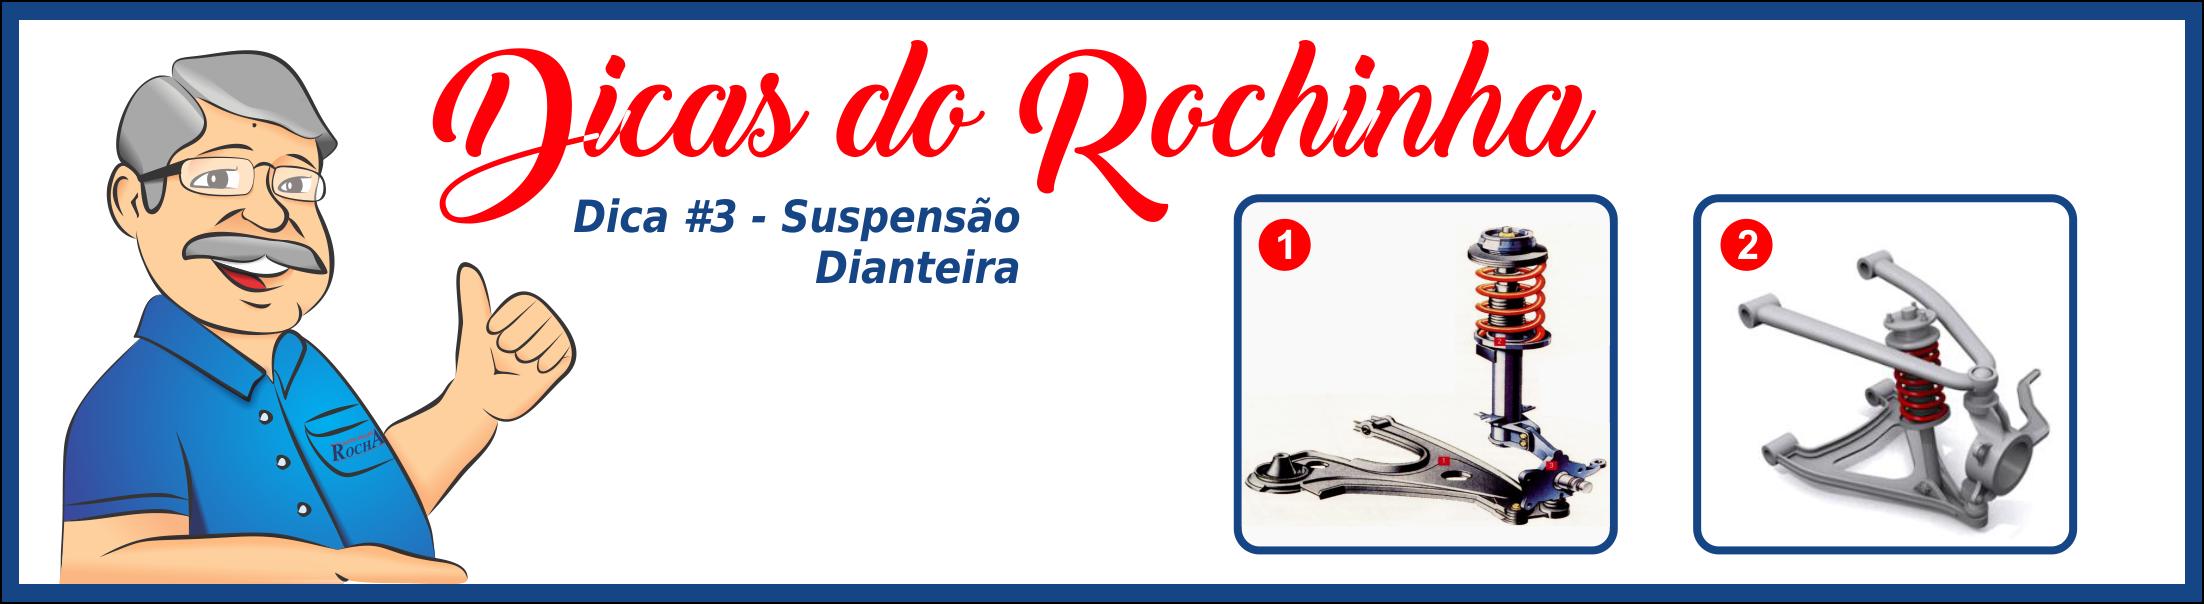 DICAS DO ROCHINHA DICA#4